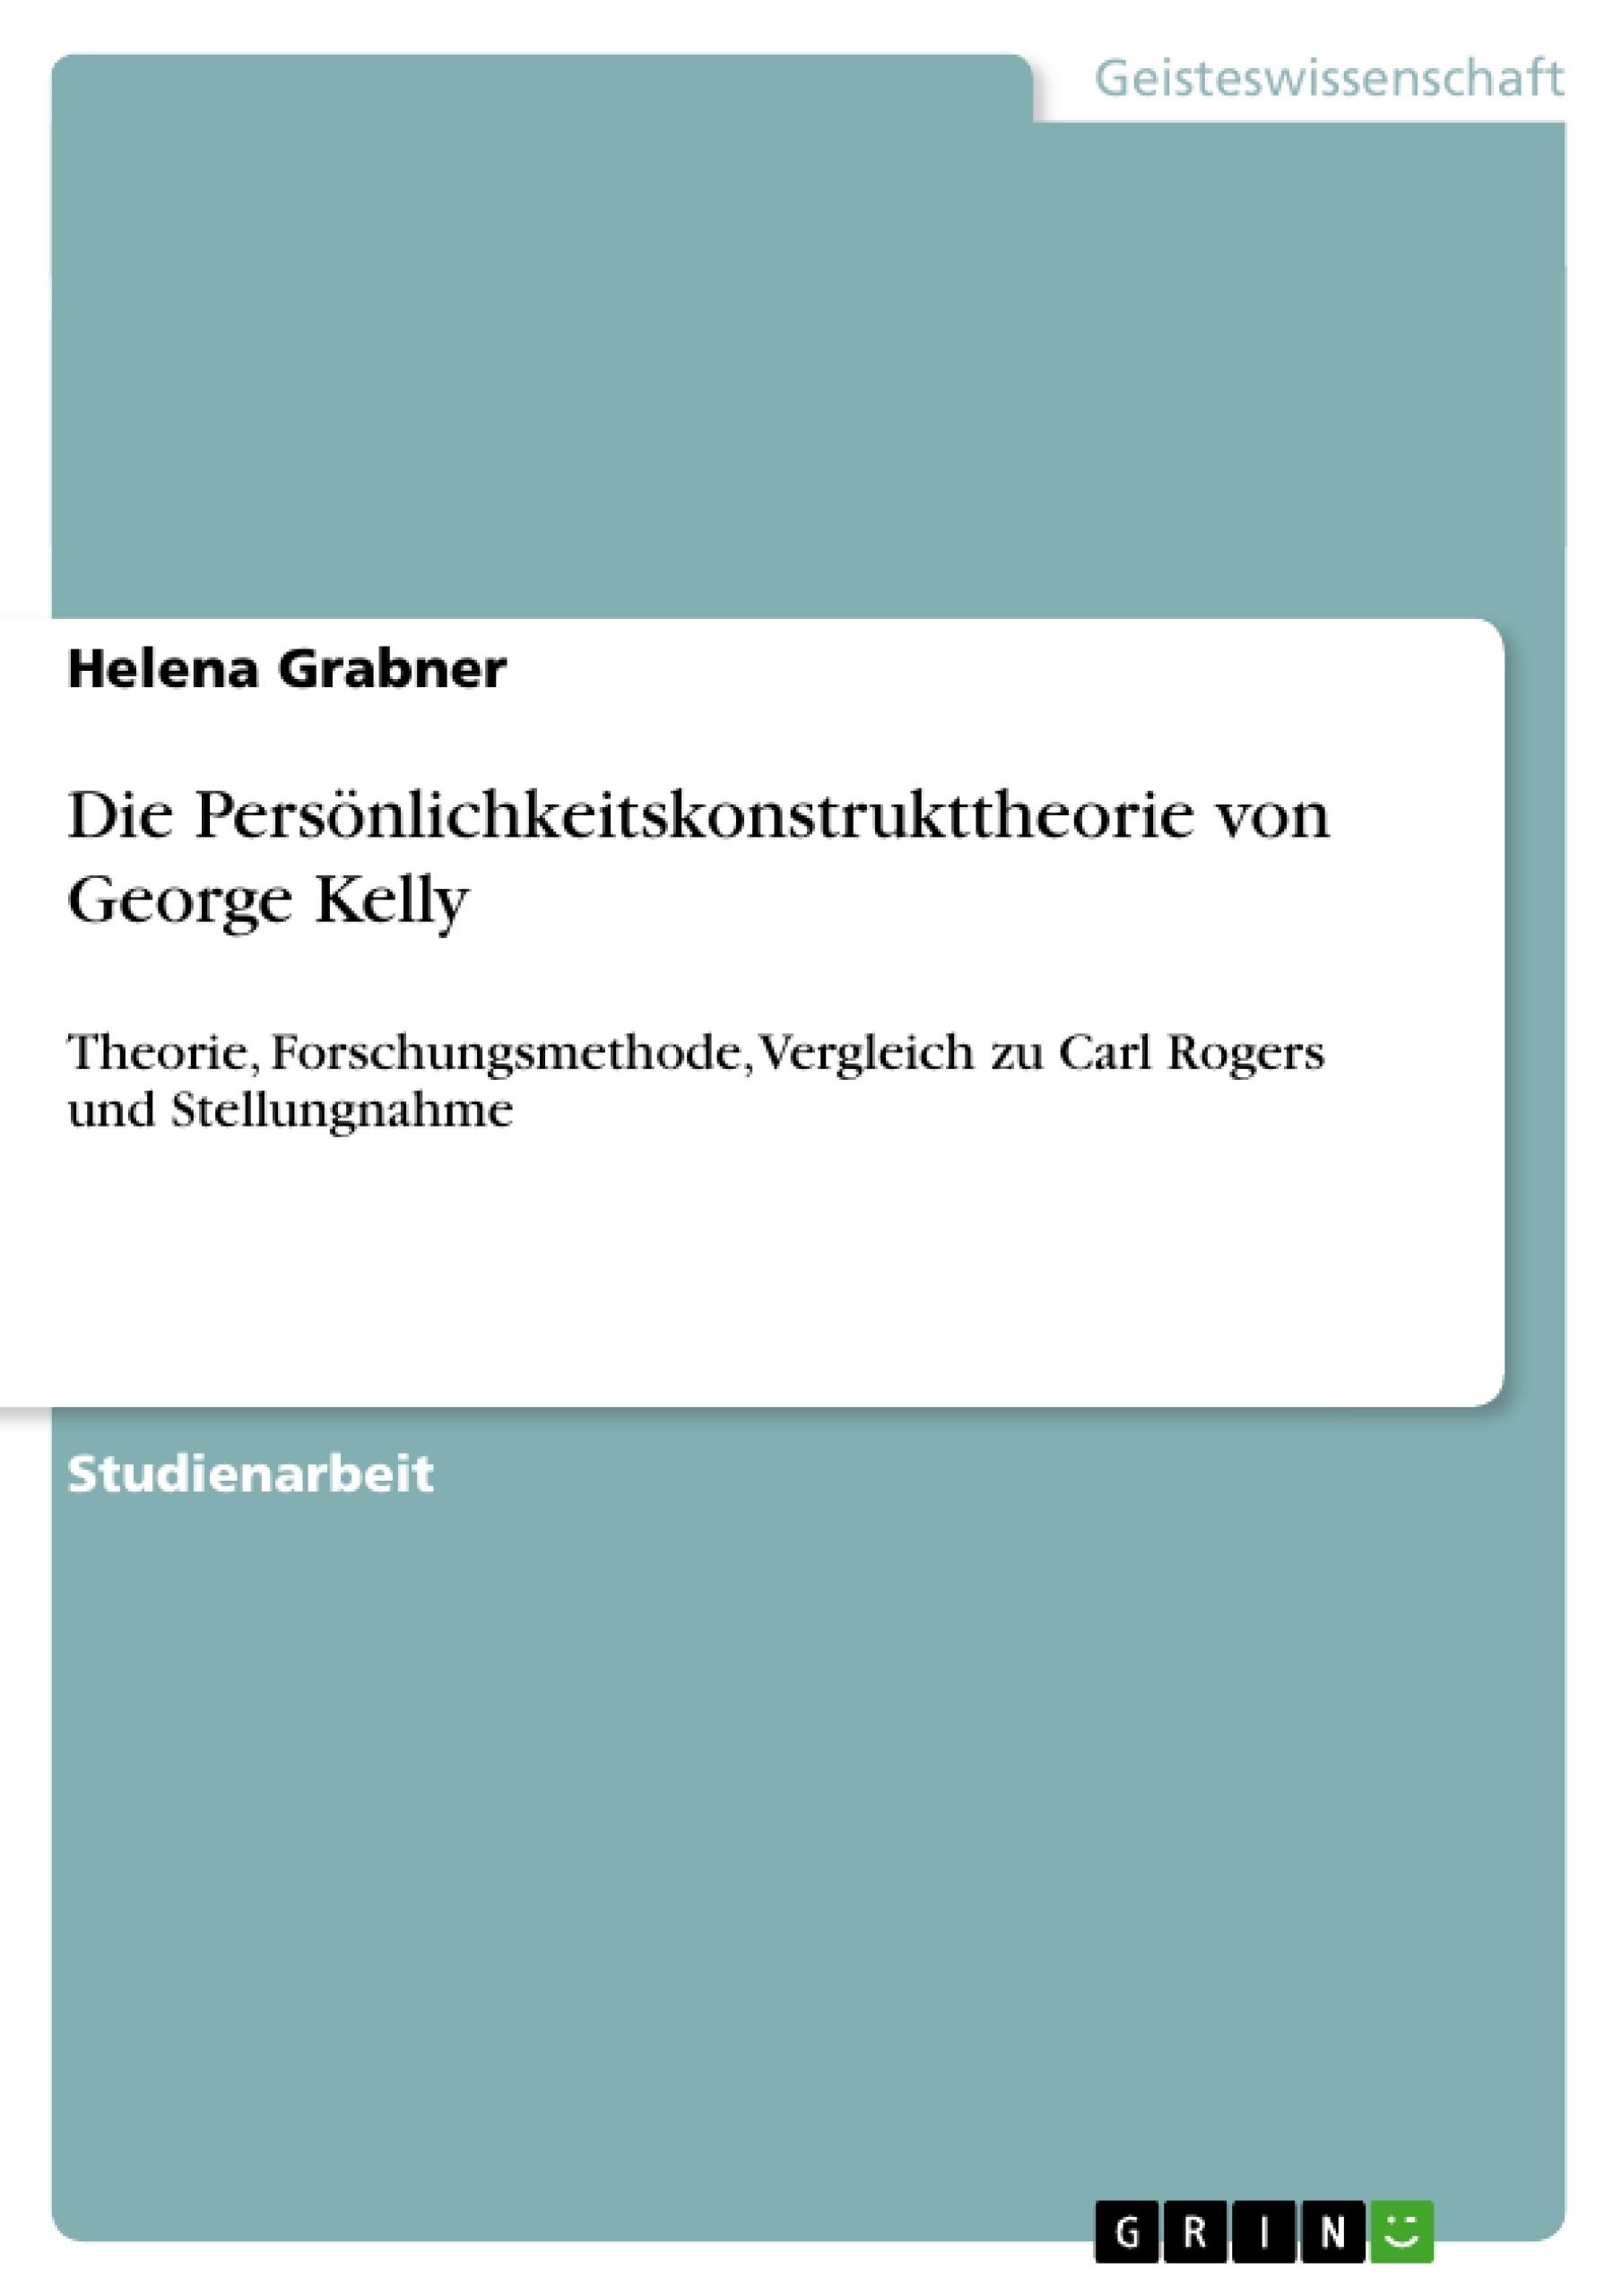 Titel: Die Persönlichkeitskonstrukttheorie von George Kelly